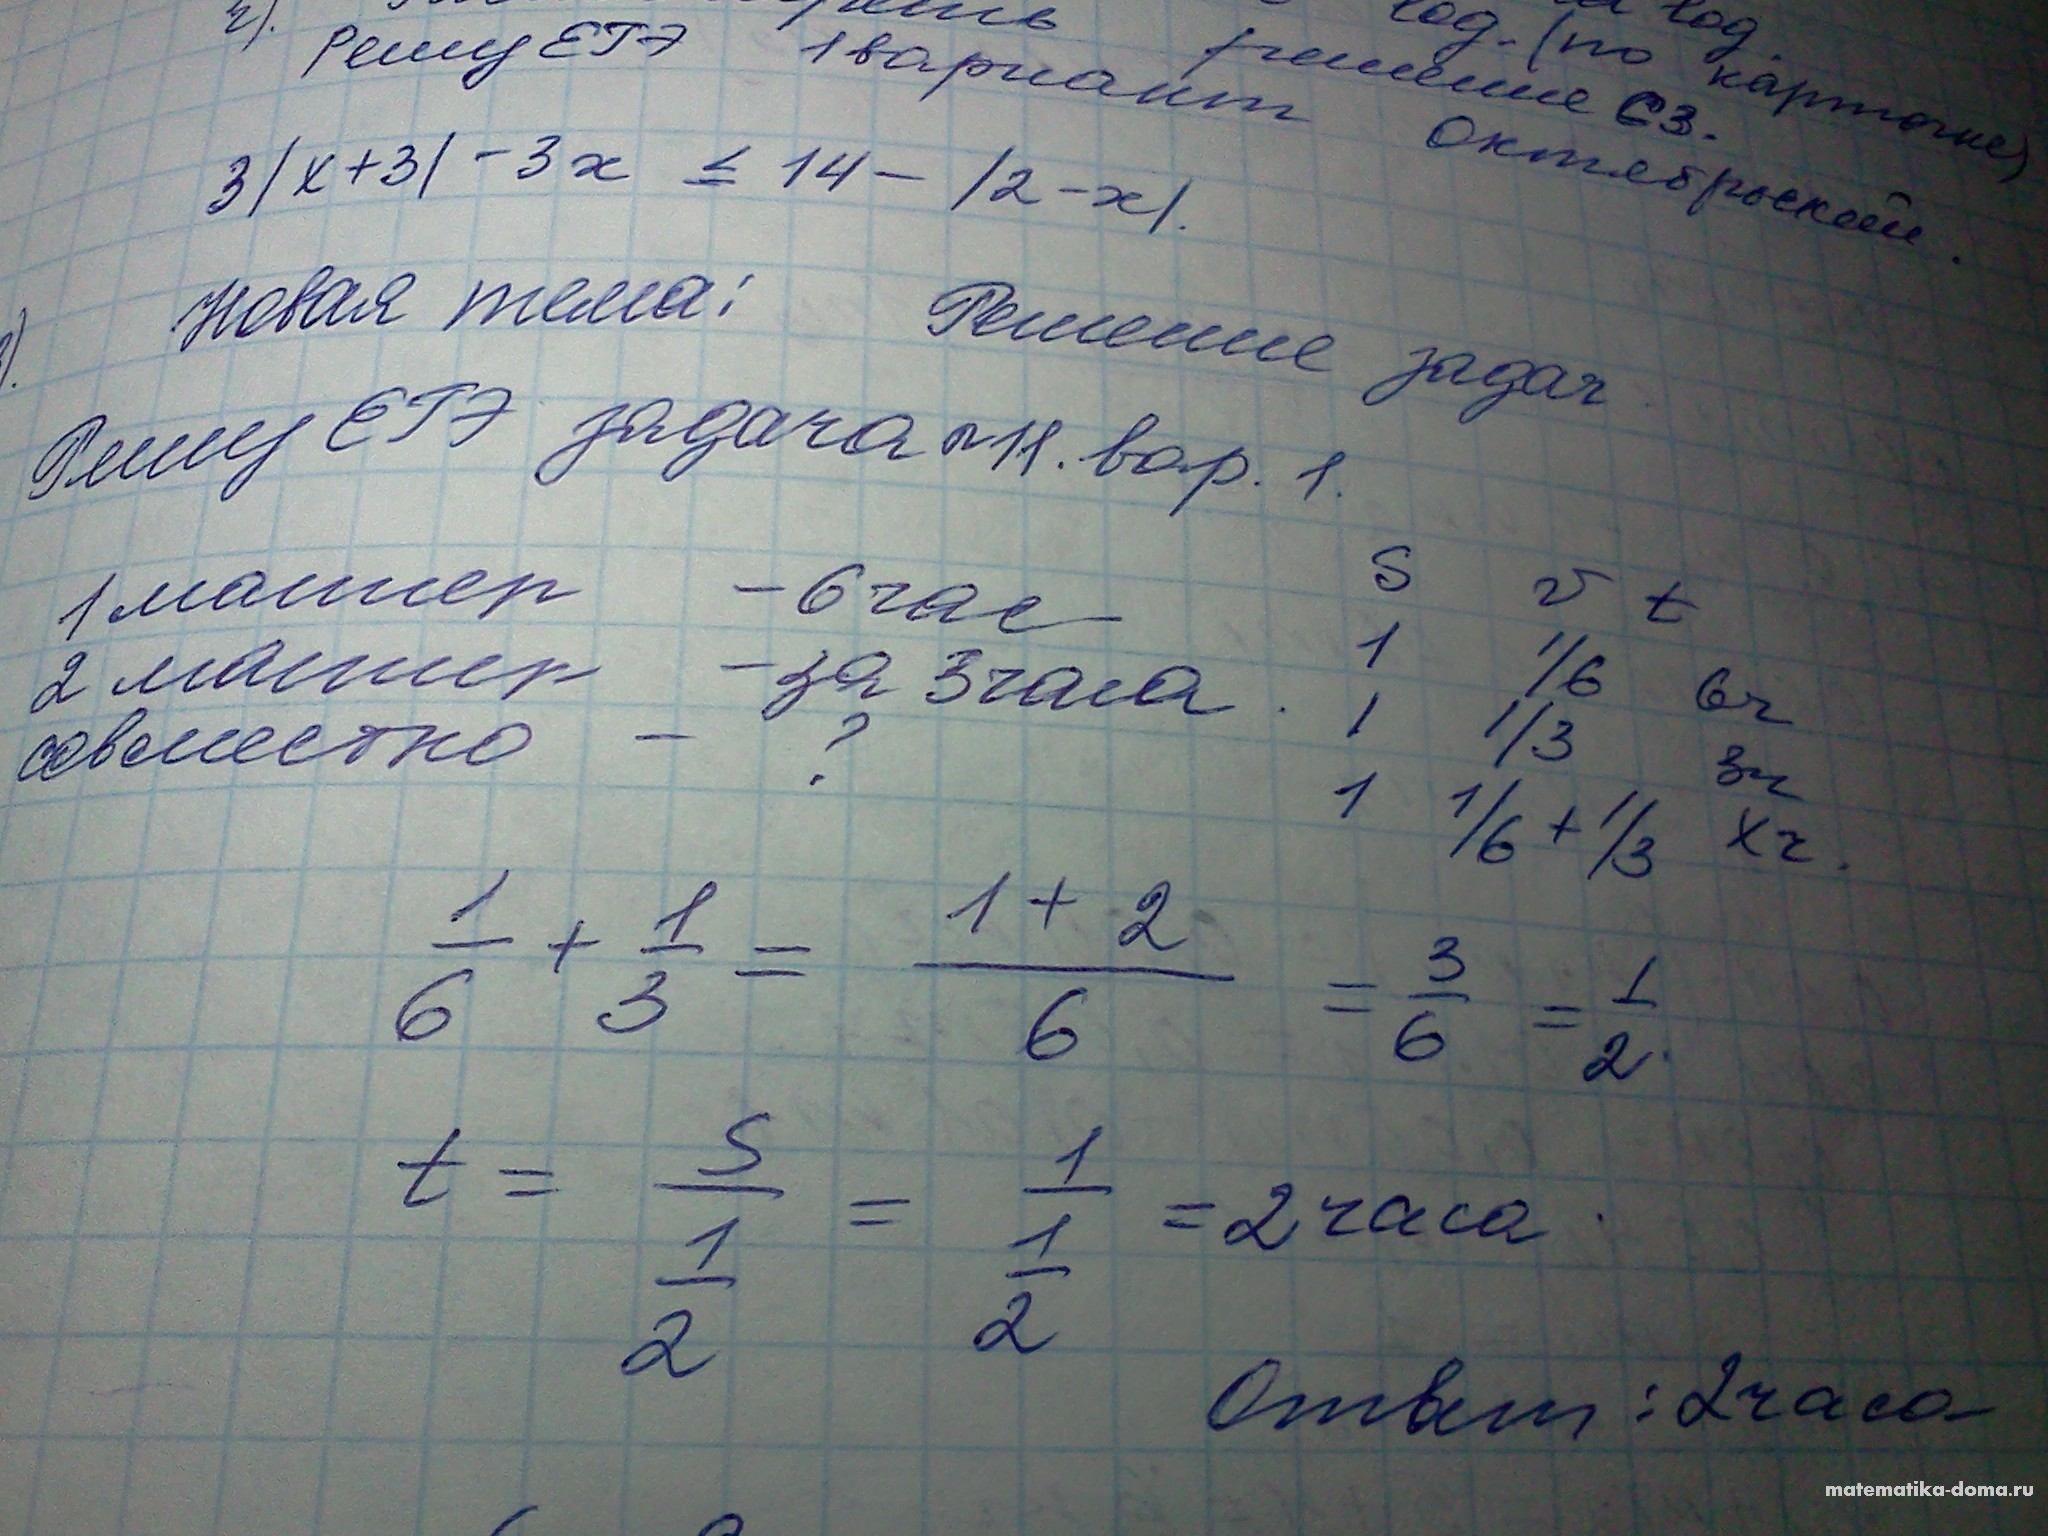 Скачать ответы на домашние5 задания по геометрии за 9 класс бесплатно без регистрации и без смс